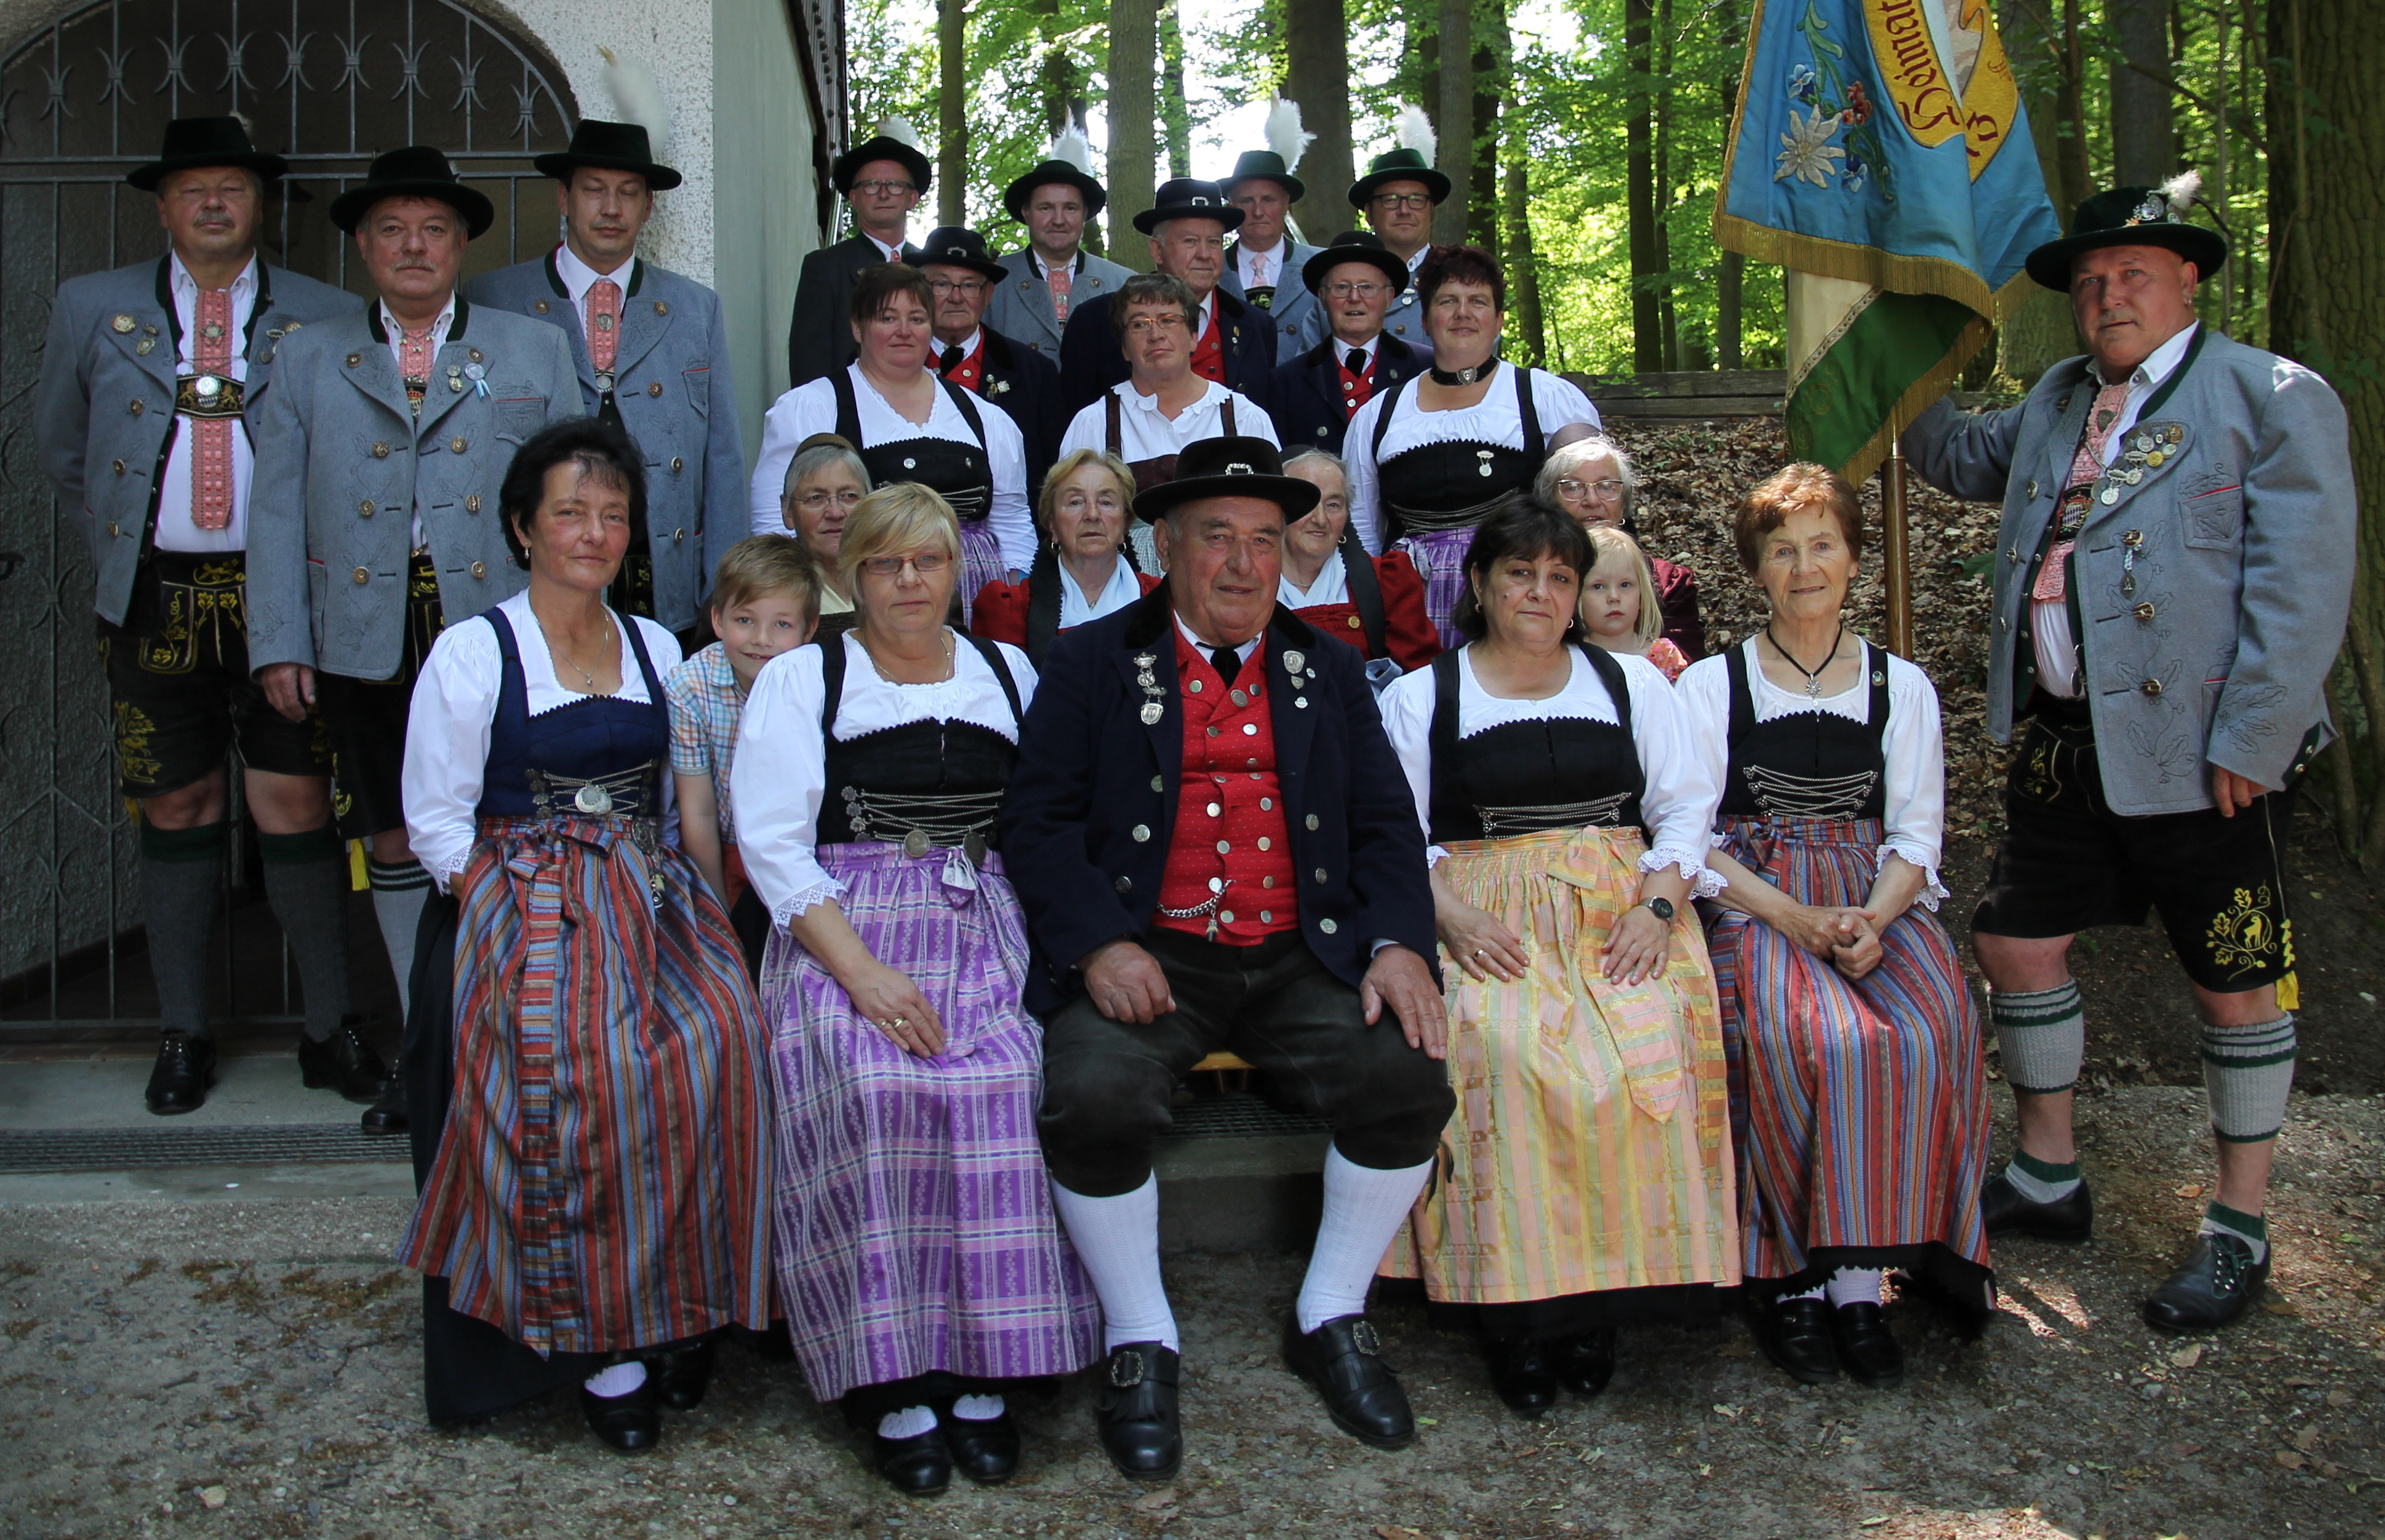 90jähriges Gründungsfest des Heimat- und Volkstrachtenvereins Teublitz e.V.